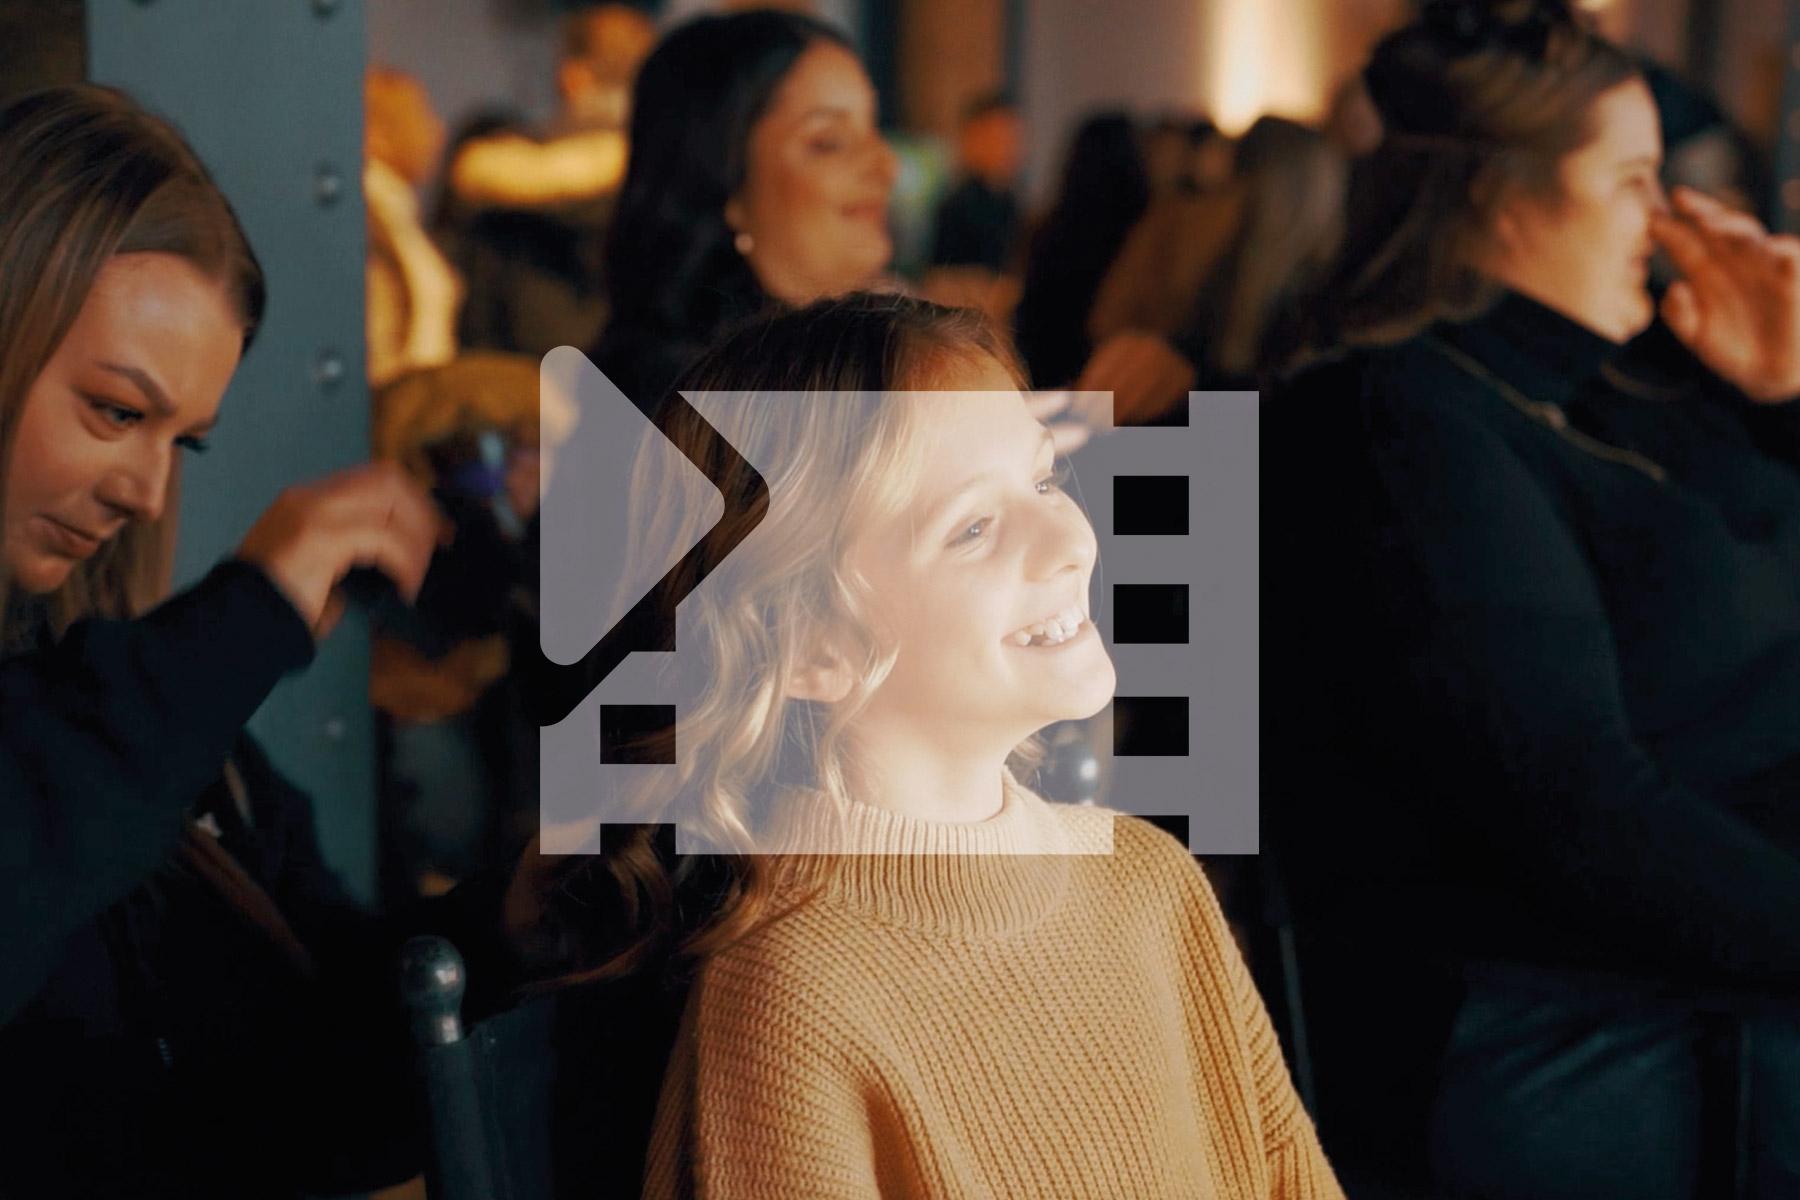 Karo Kauer Eventfilm Imagefilm Videoproduktion